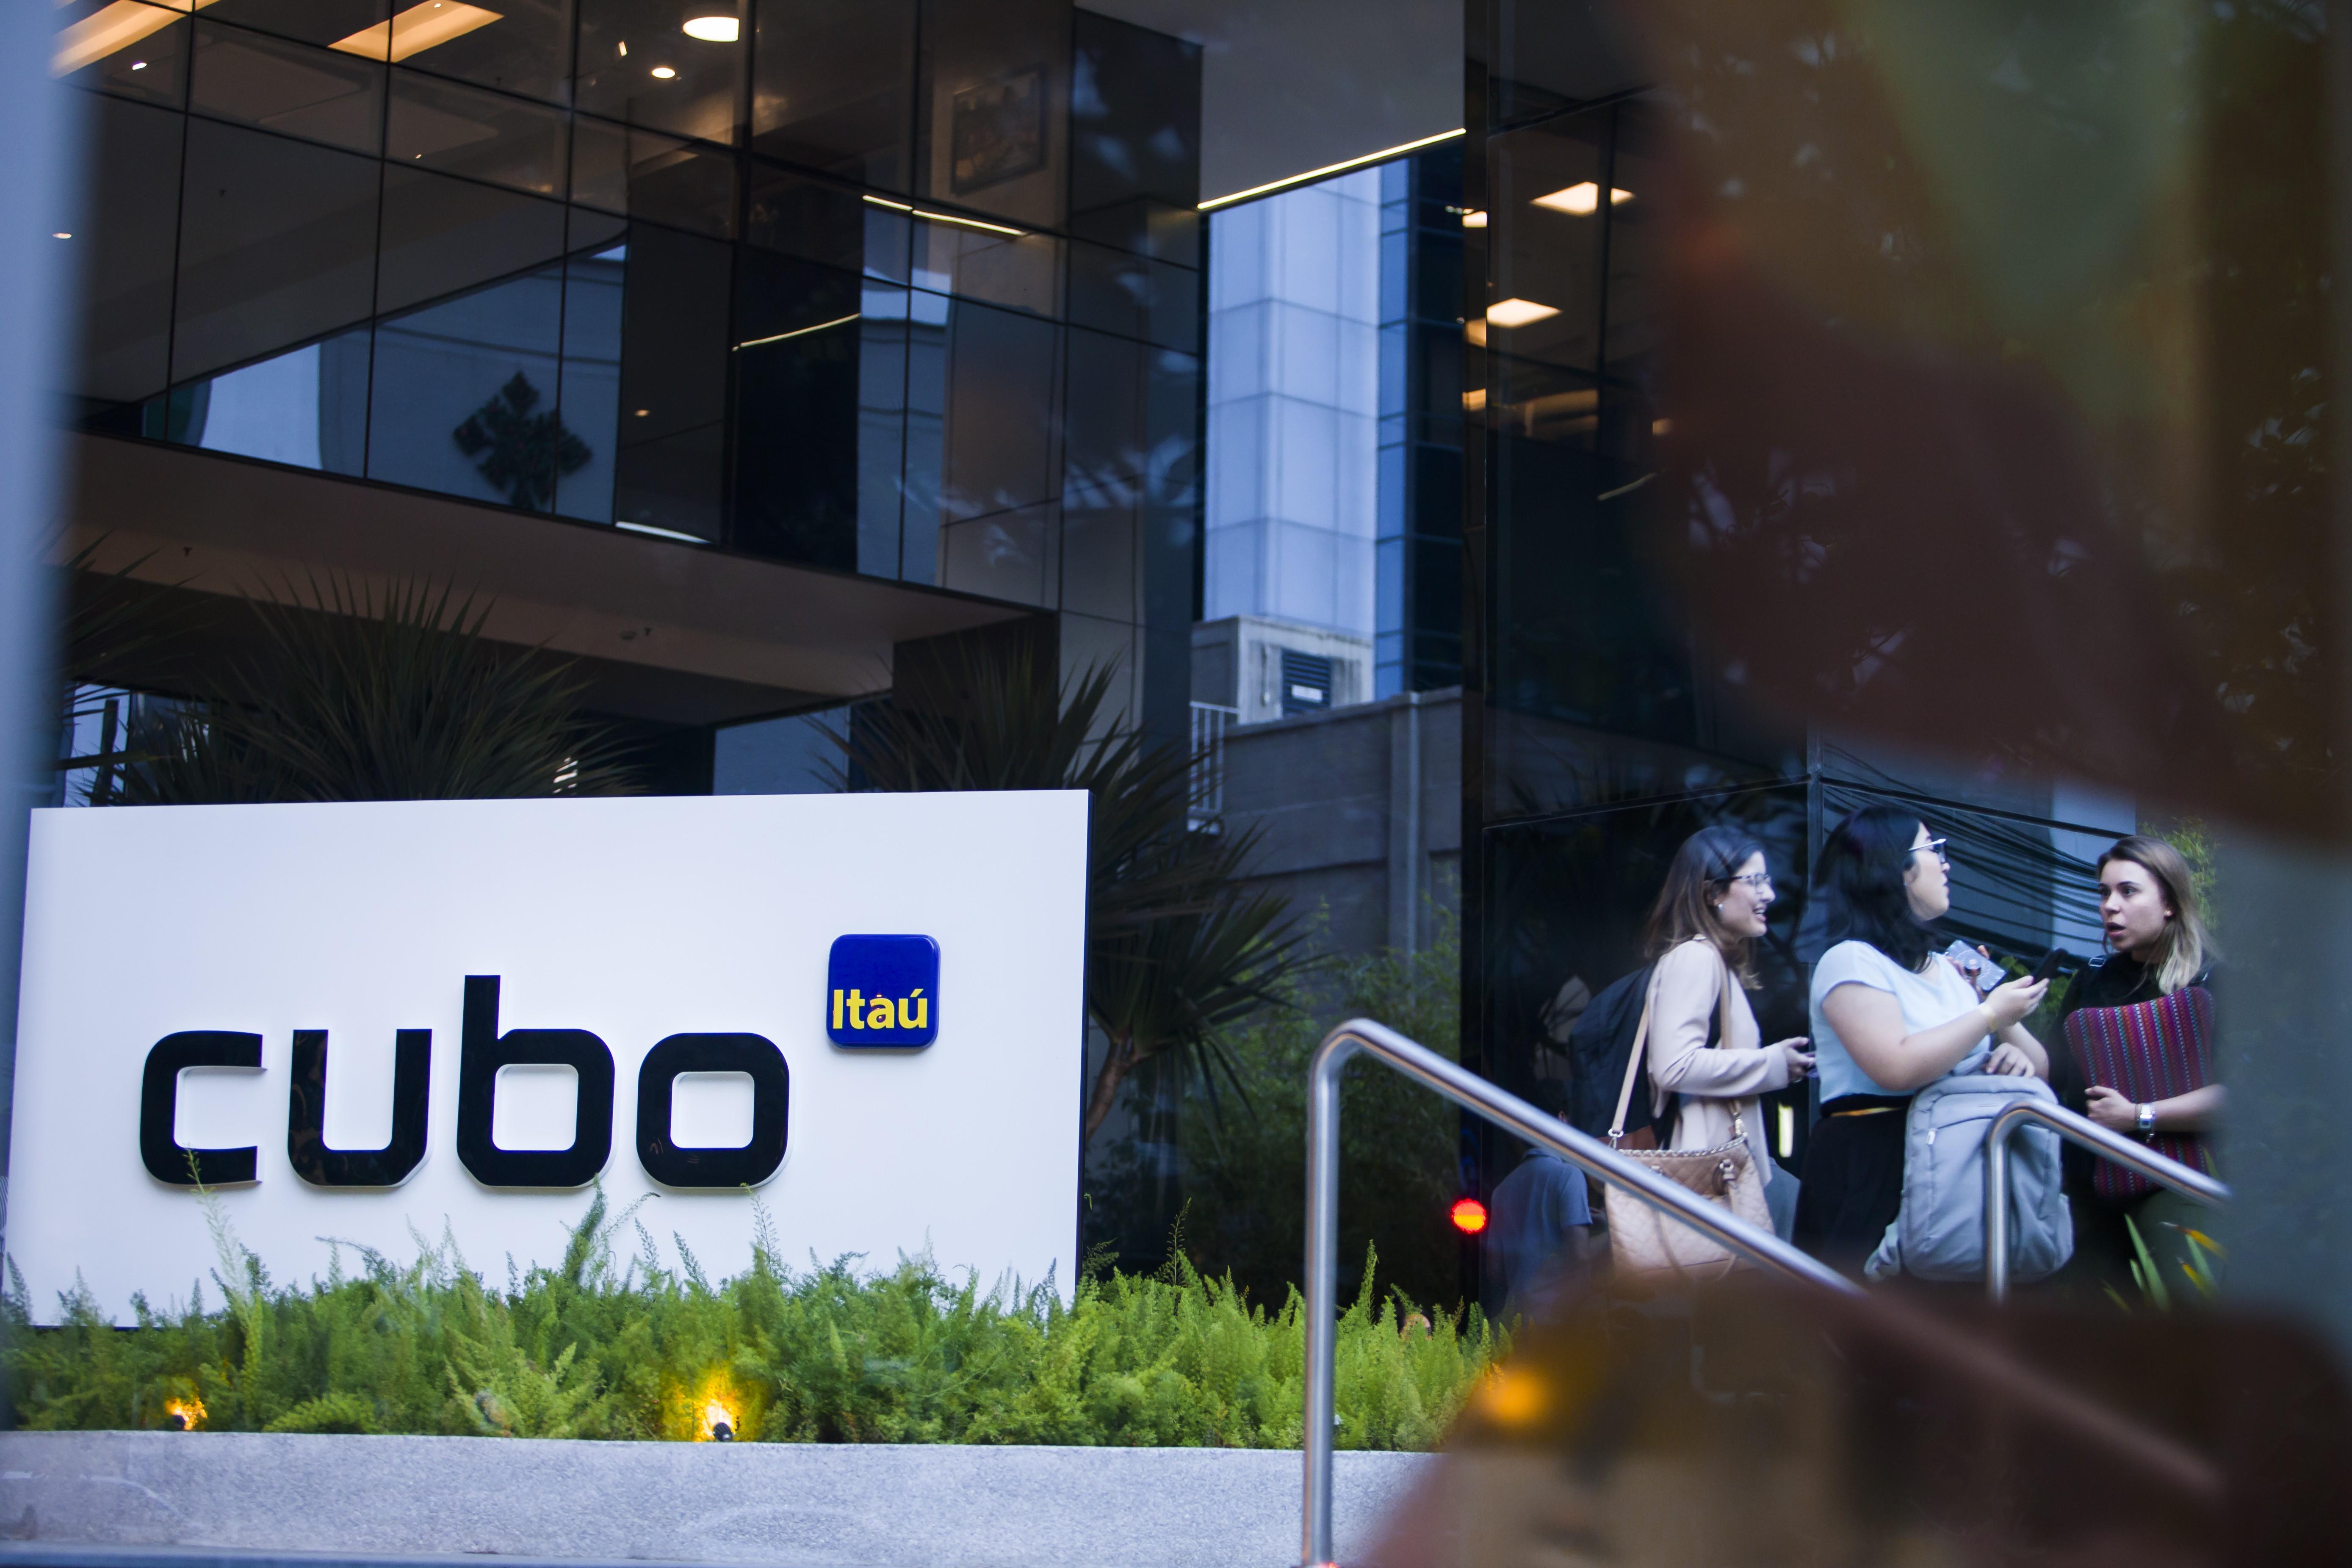 Cubo Agro (Foto: Divulgação/Cubo Itaú)